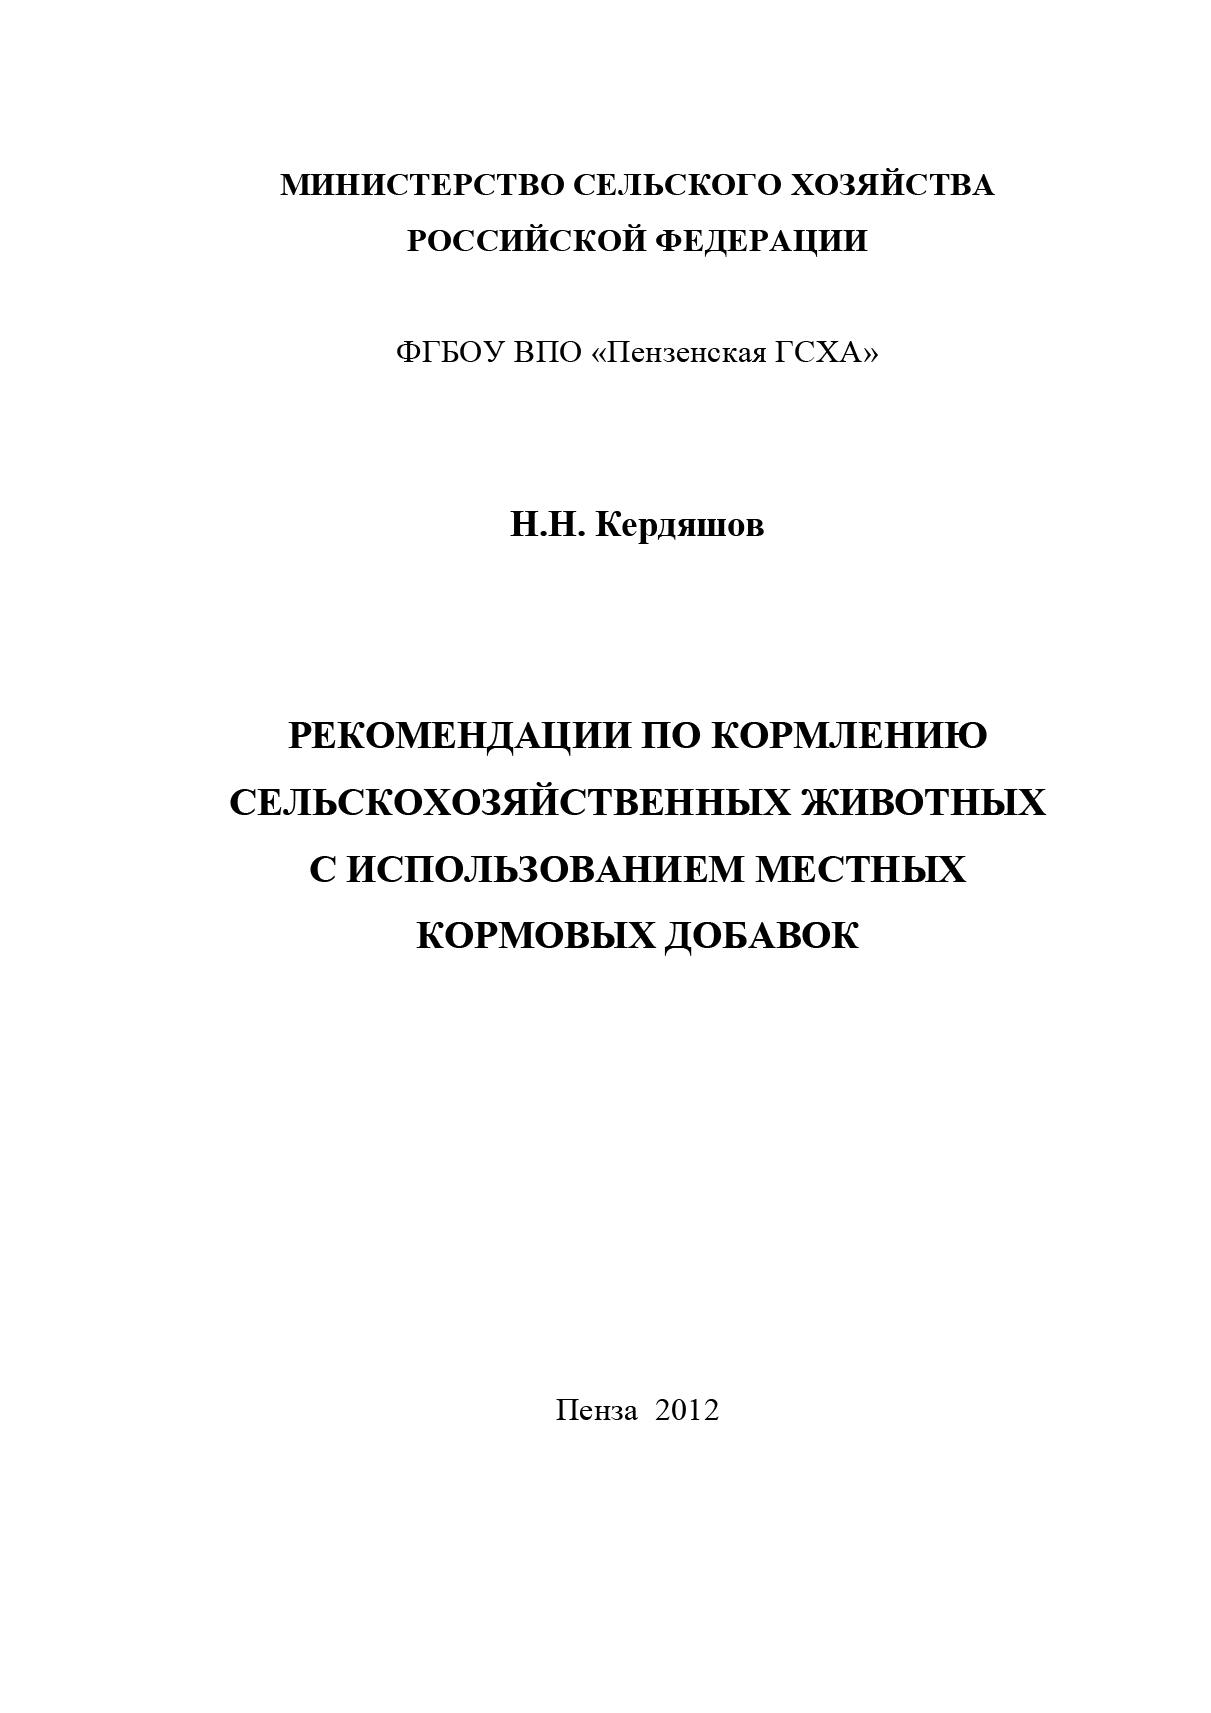 Н. Н. Кердяшов Рекомендации по кормлению сельскохозяйственных животных с использованием местных кормовых добавок милаш м яблочный уксус